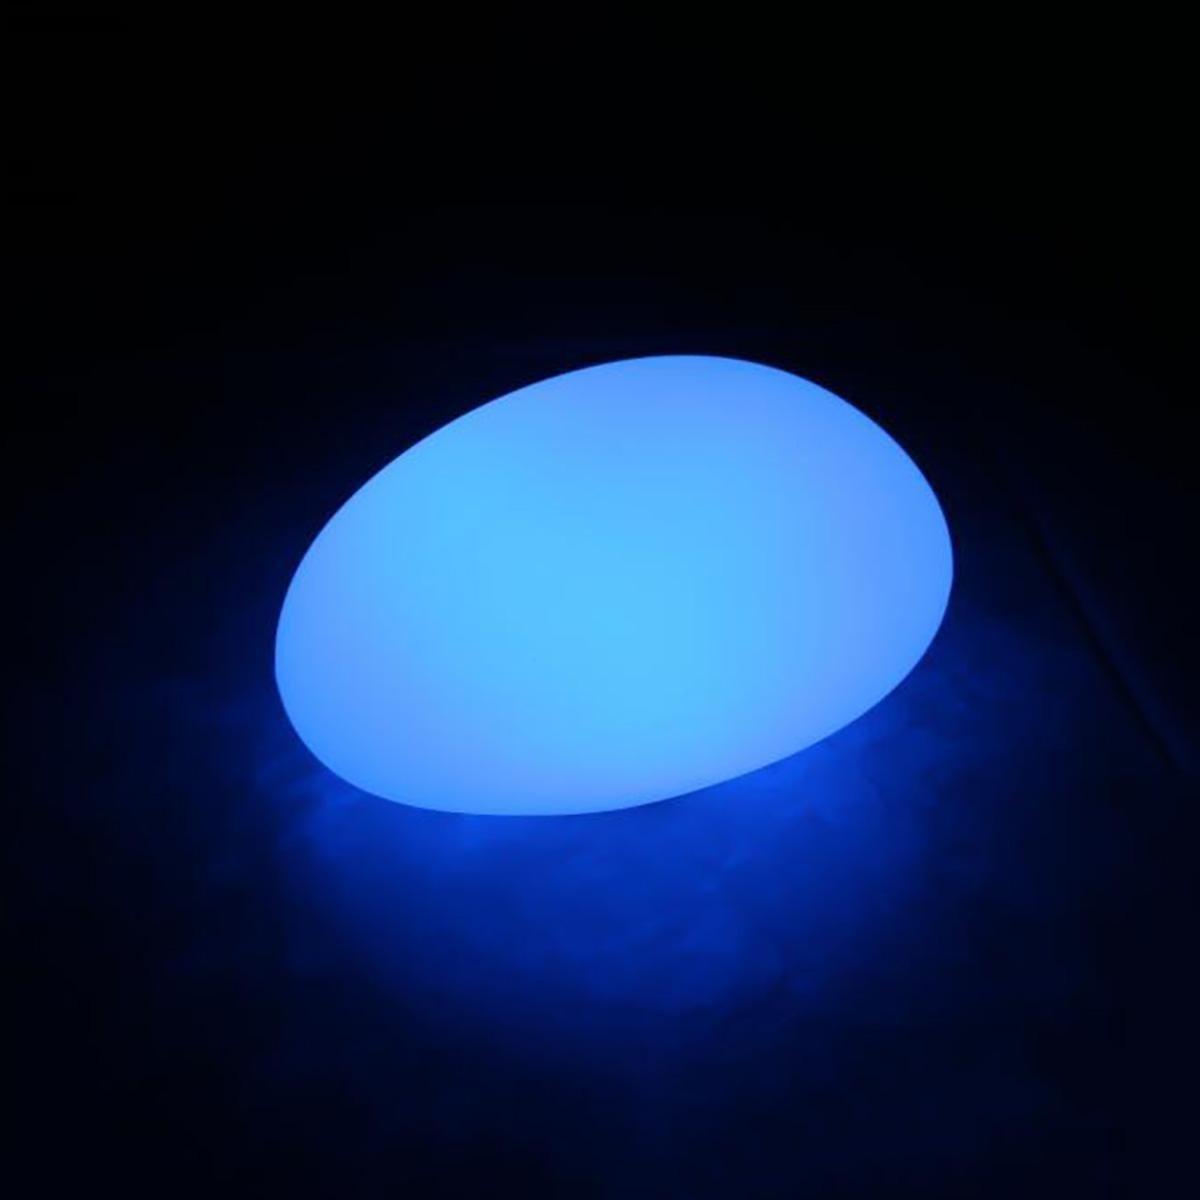 Augrous LED Pietra Lampada 16 colore Mutevole Lampada da terra con Telecomando Impermeabile ricaricabile per Giardino Prato Decorazione (dimensioni   3226H18cm)